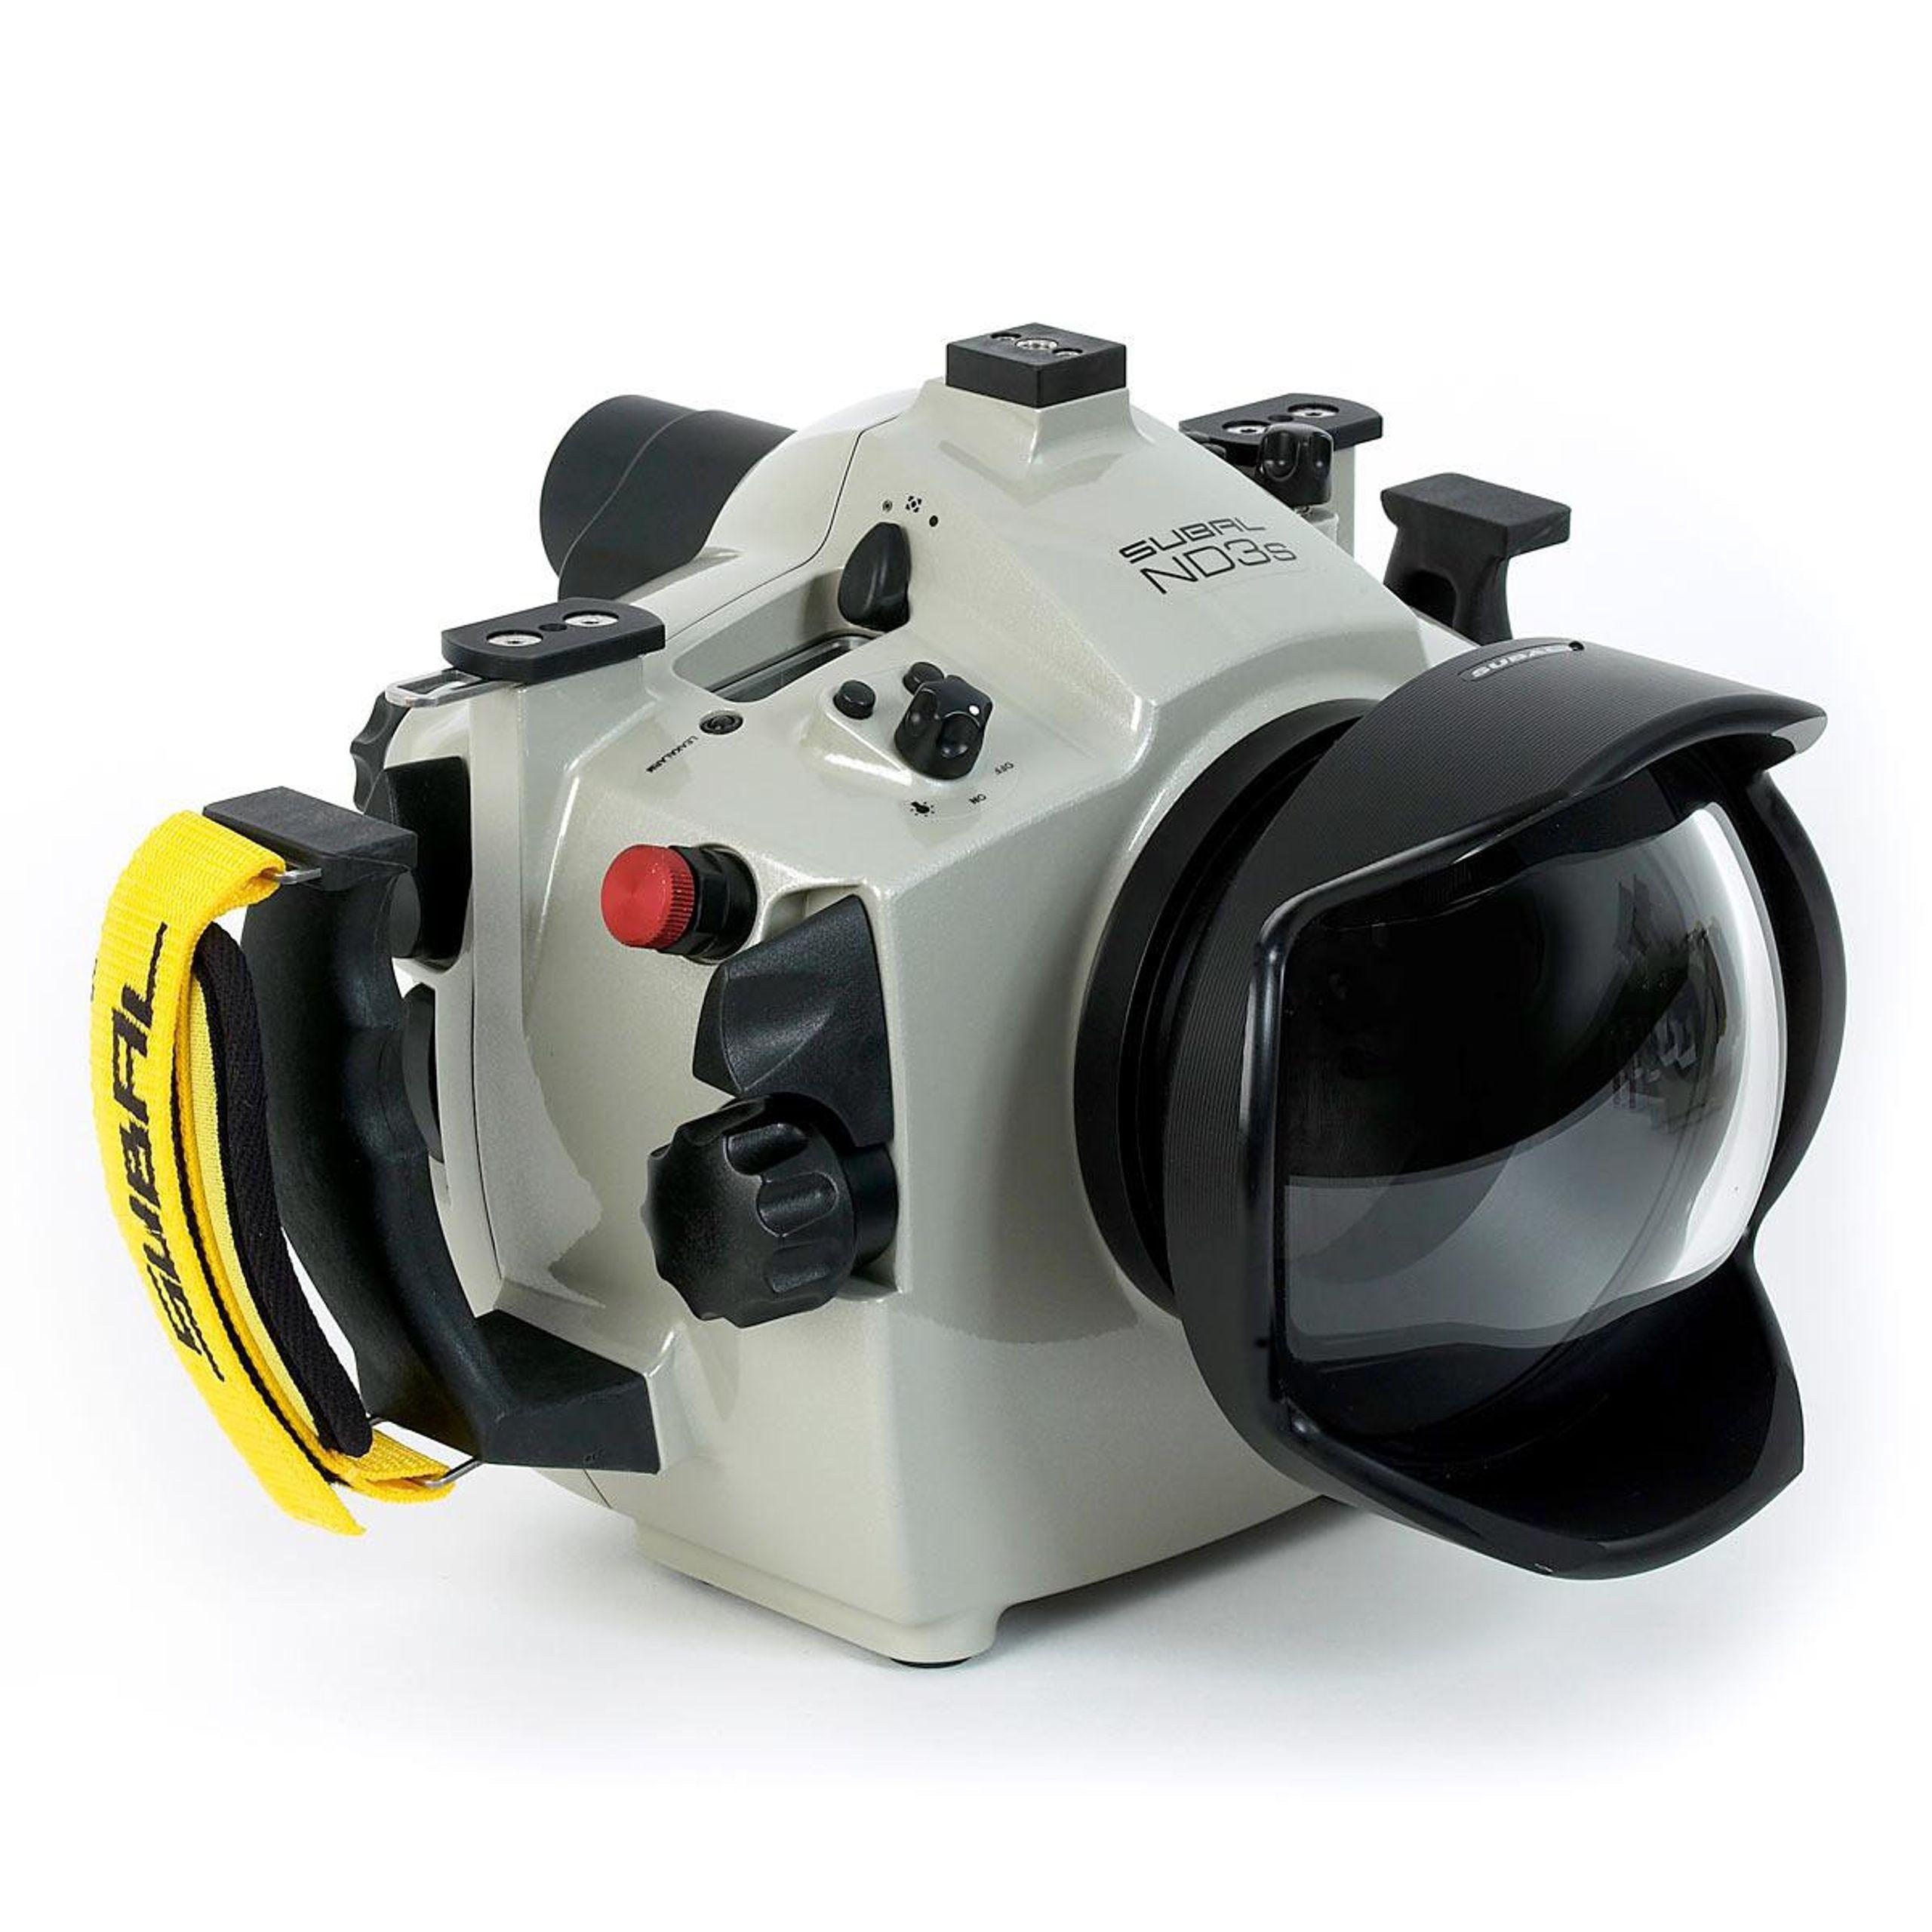 Analogkameras Nikonos V Mit Umfangreichen Zubehör